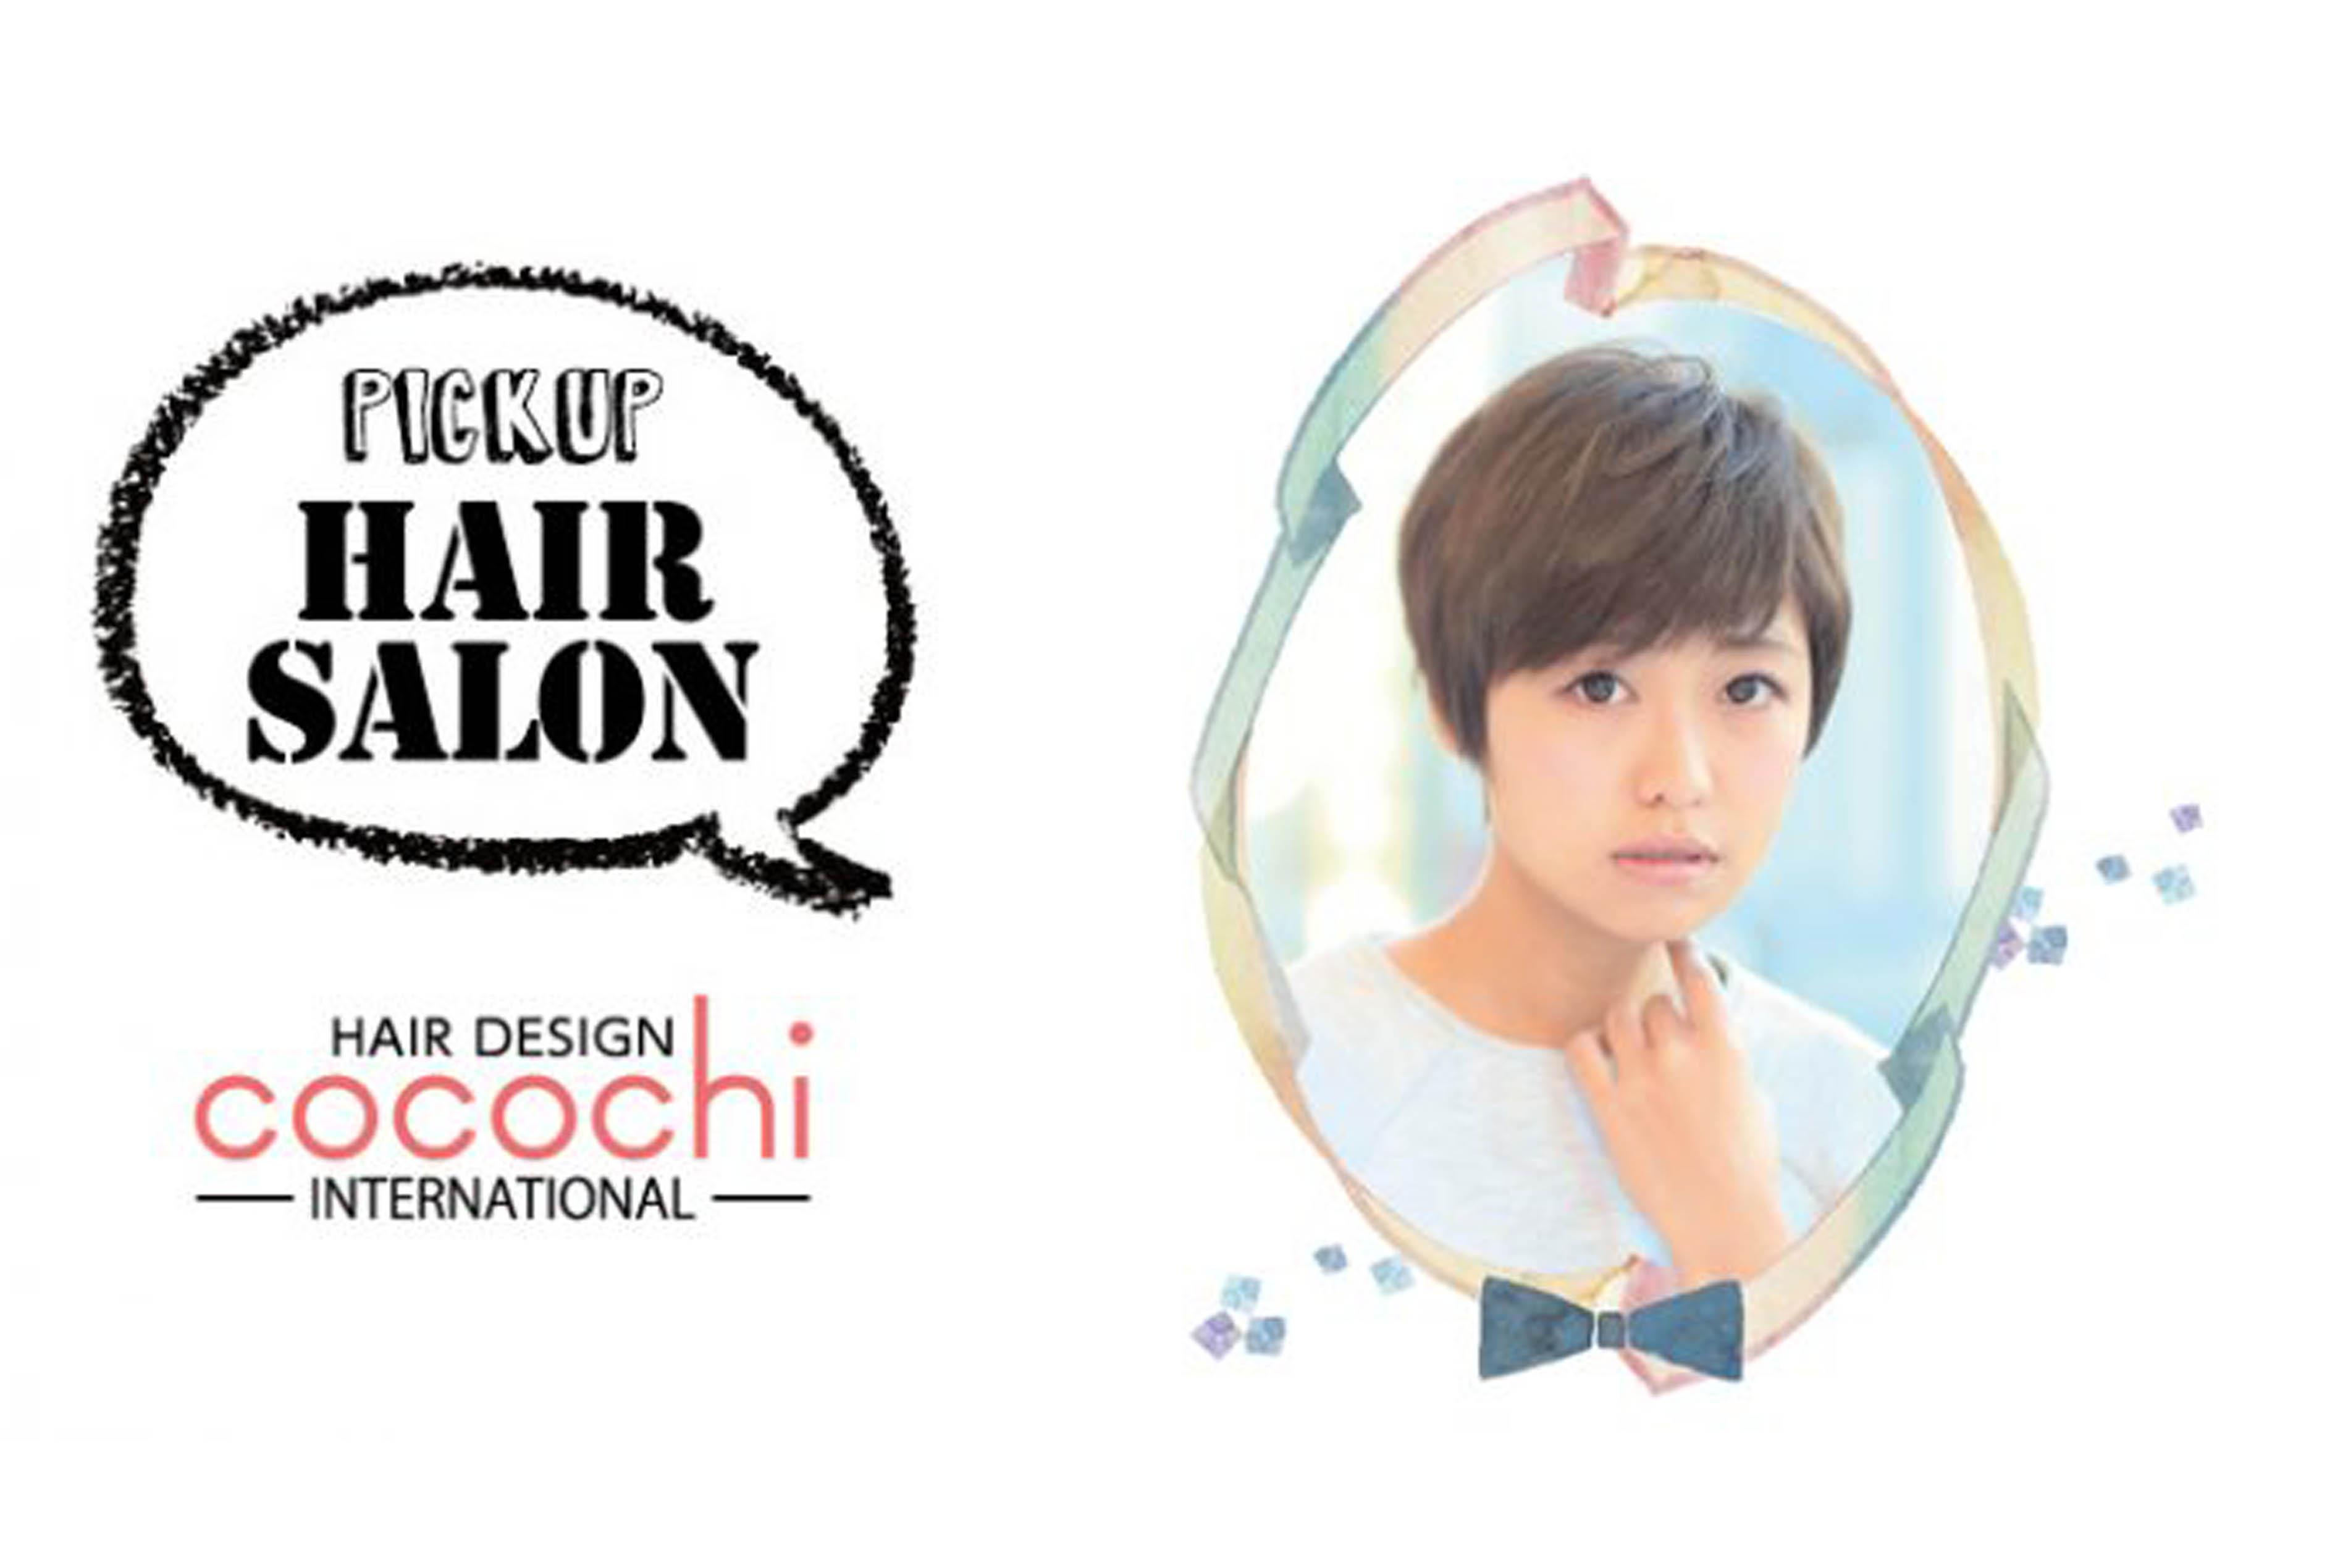 【PICK UP HAIR SALON】 COCOCHI - ワイズデジタル【タイで生活する人のための情報サイト】